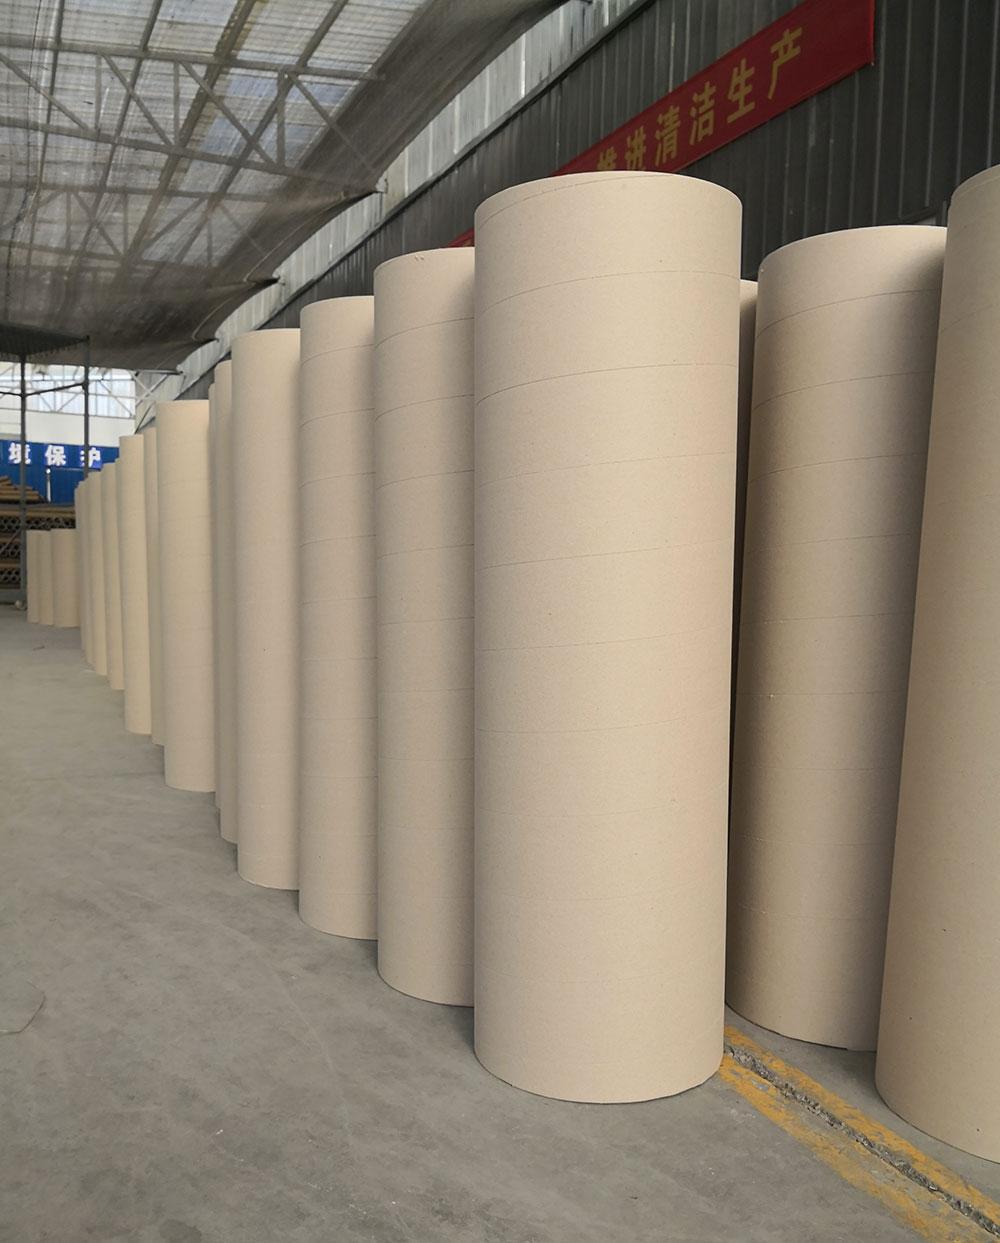 纸管厂家代理加盟-工业纸管专卖店-工业纸管代理